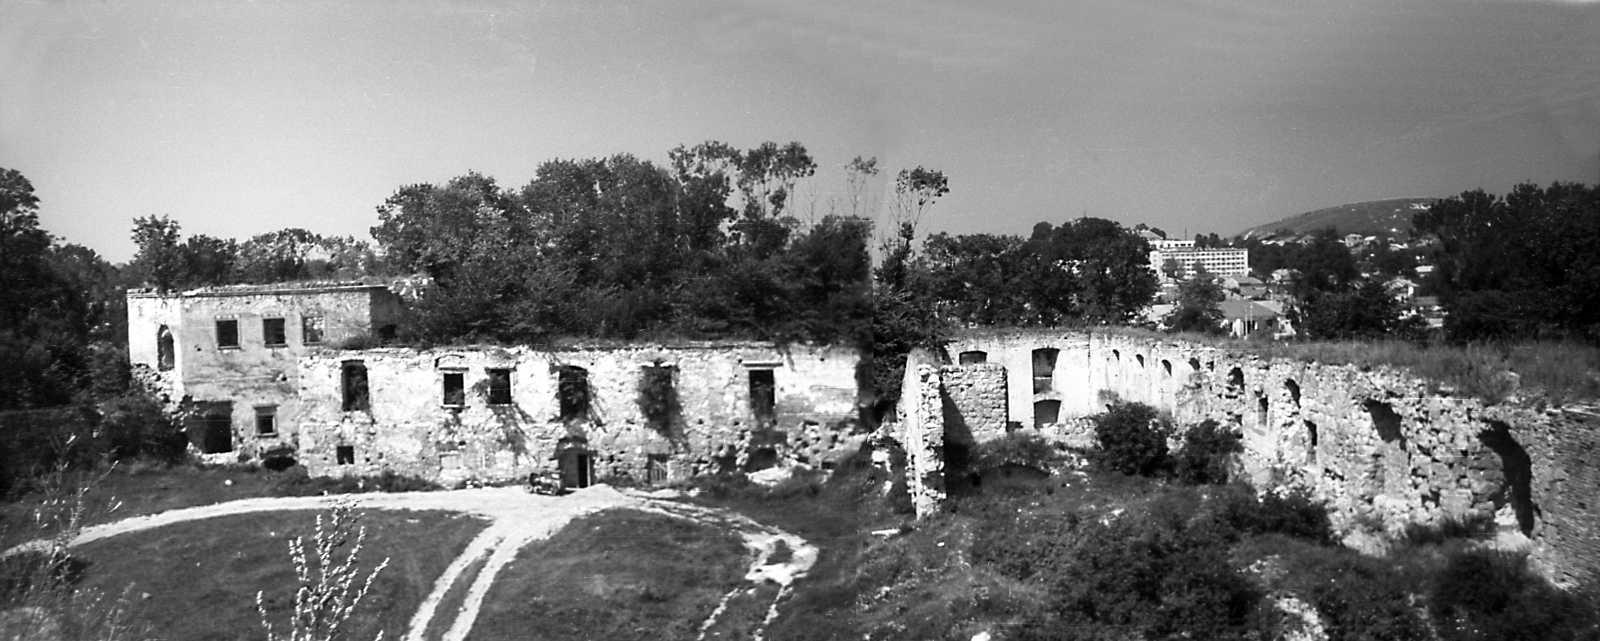 1977 р. Башта 6, корпуси 15 і 13. Вигляд зі сходу